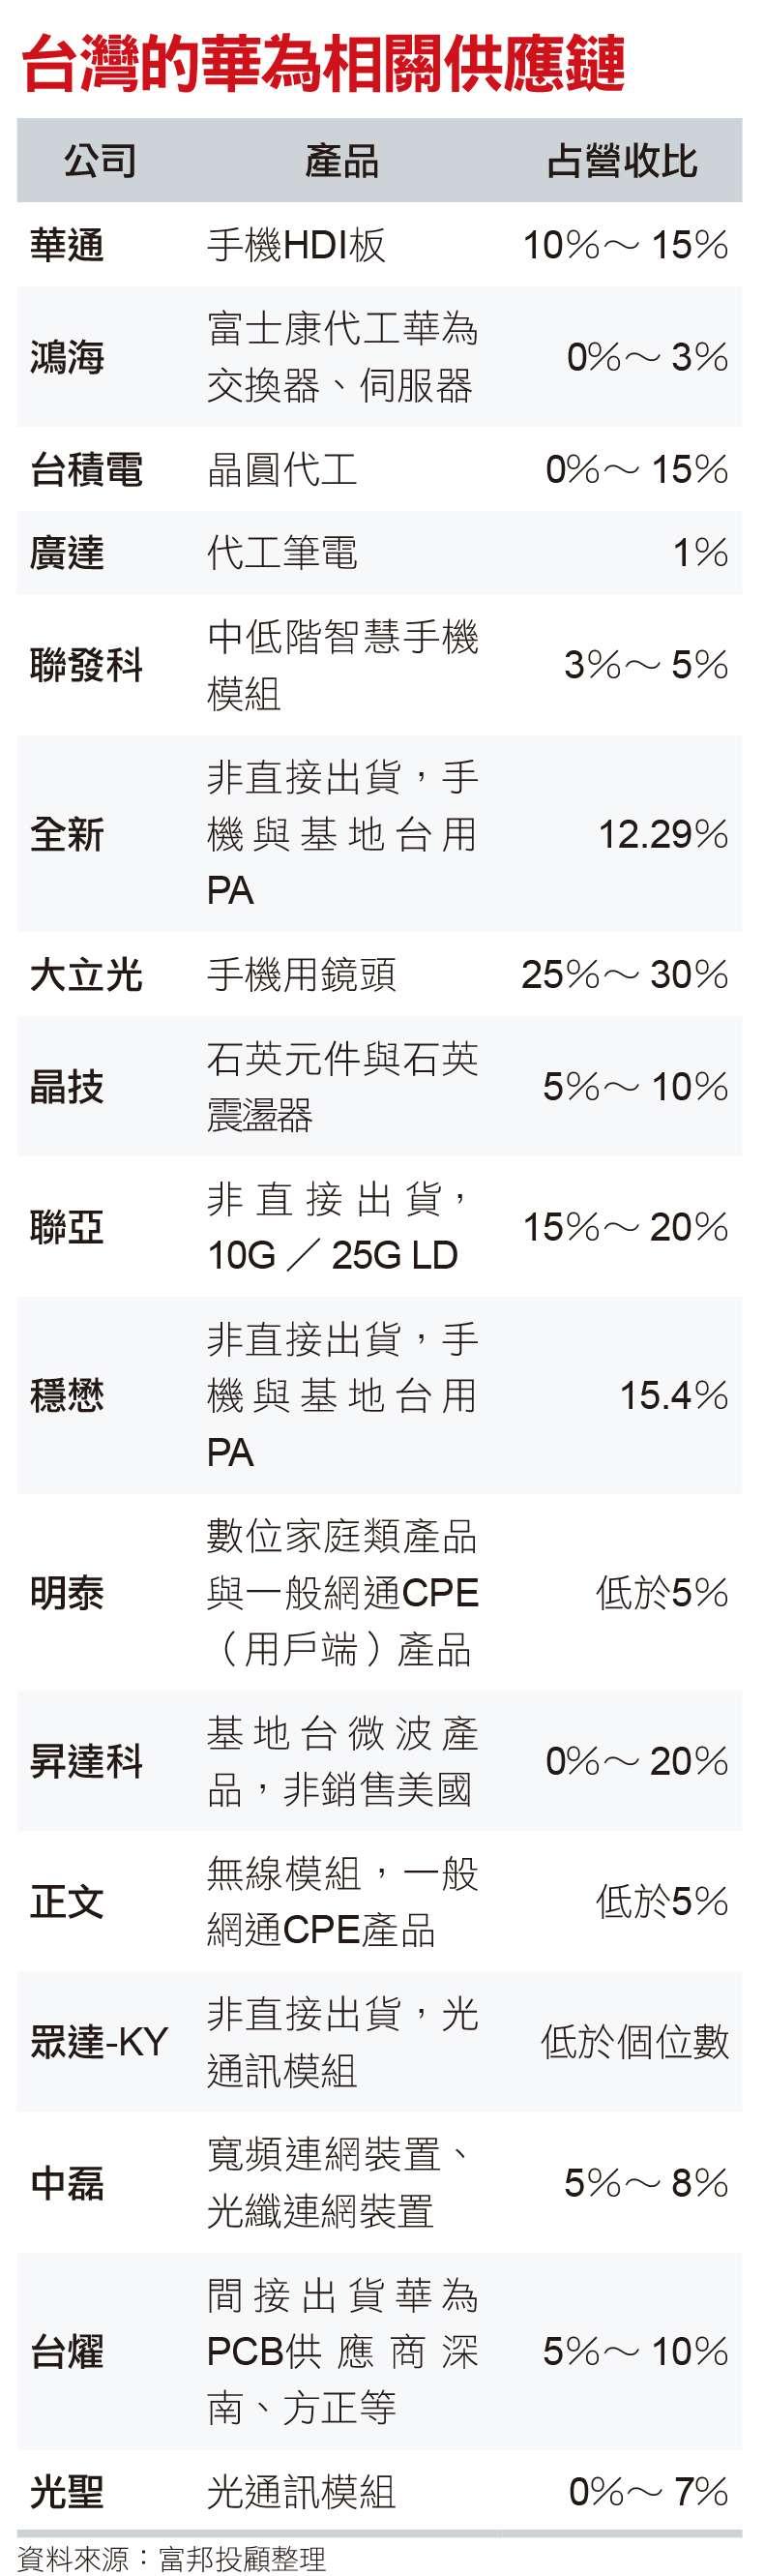 台灣的華為相關供應鏈